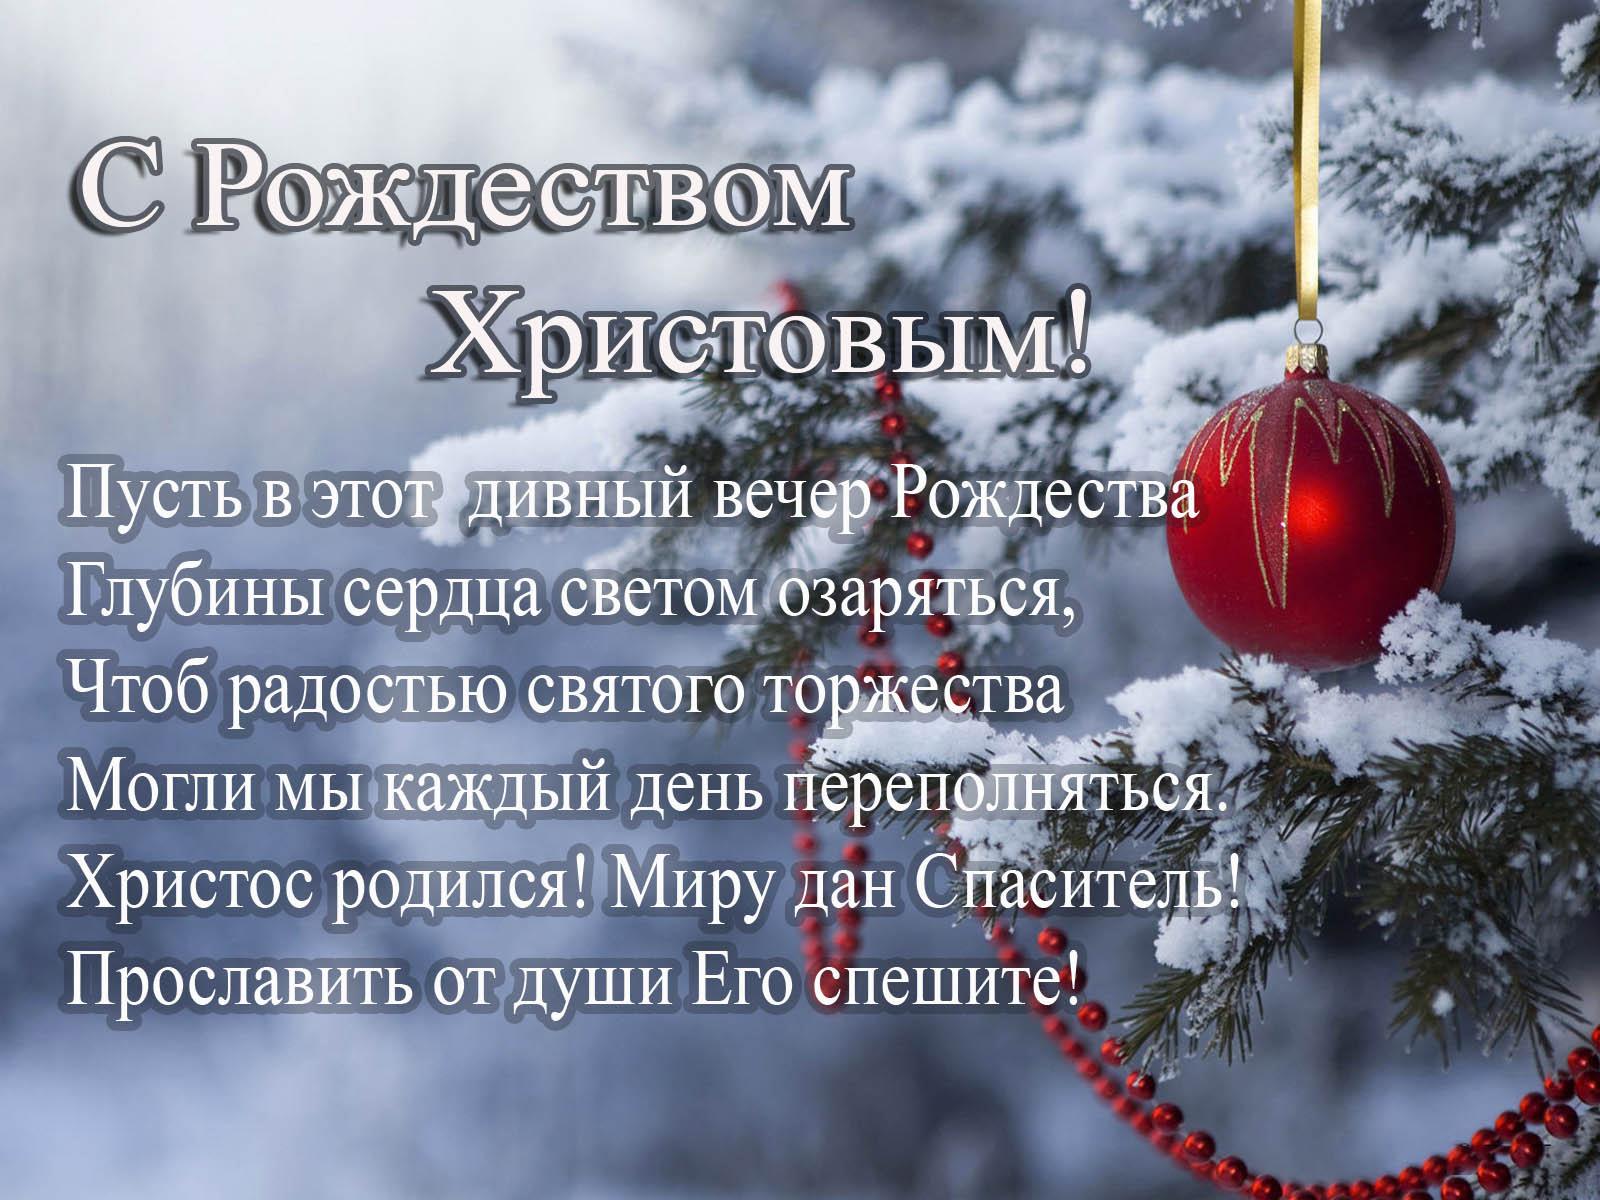 Поздравления с рождеством в стихах с картинками